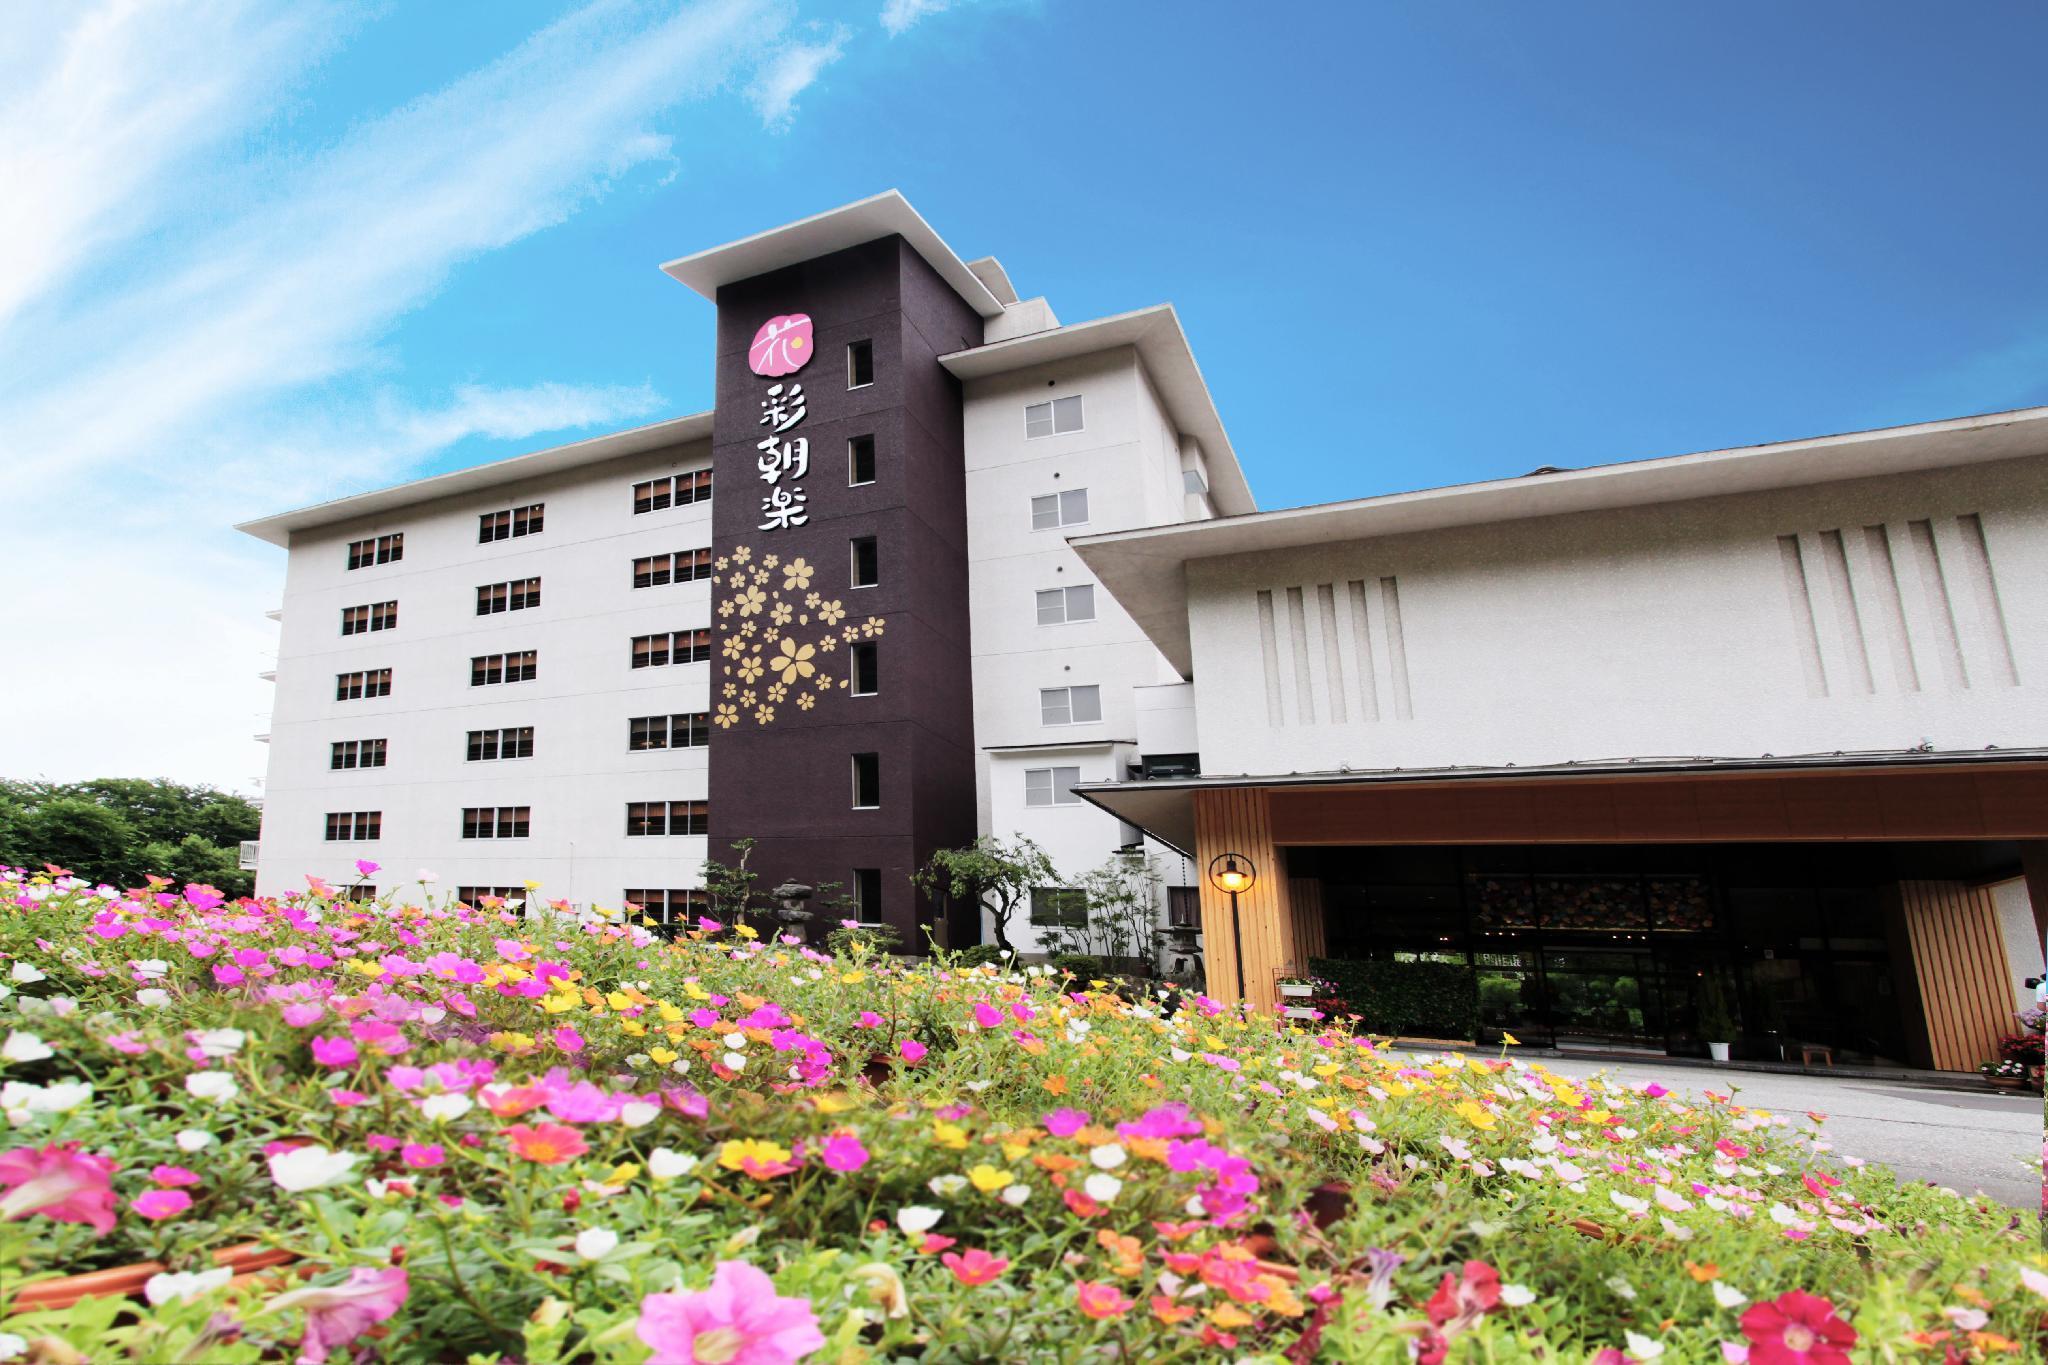 Yukai Resort Yamanakaonsen Hana Saichoraku Female Only Ryokan